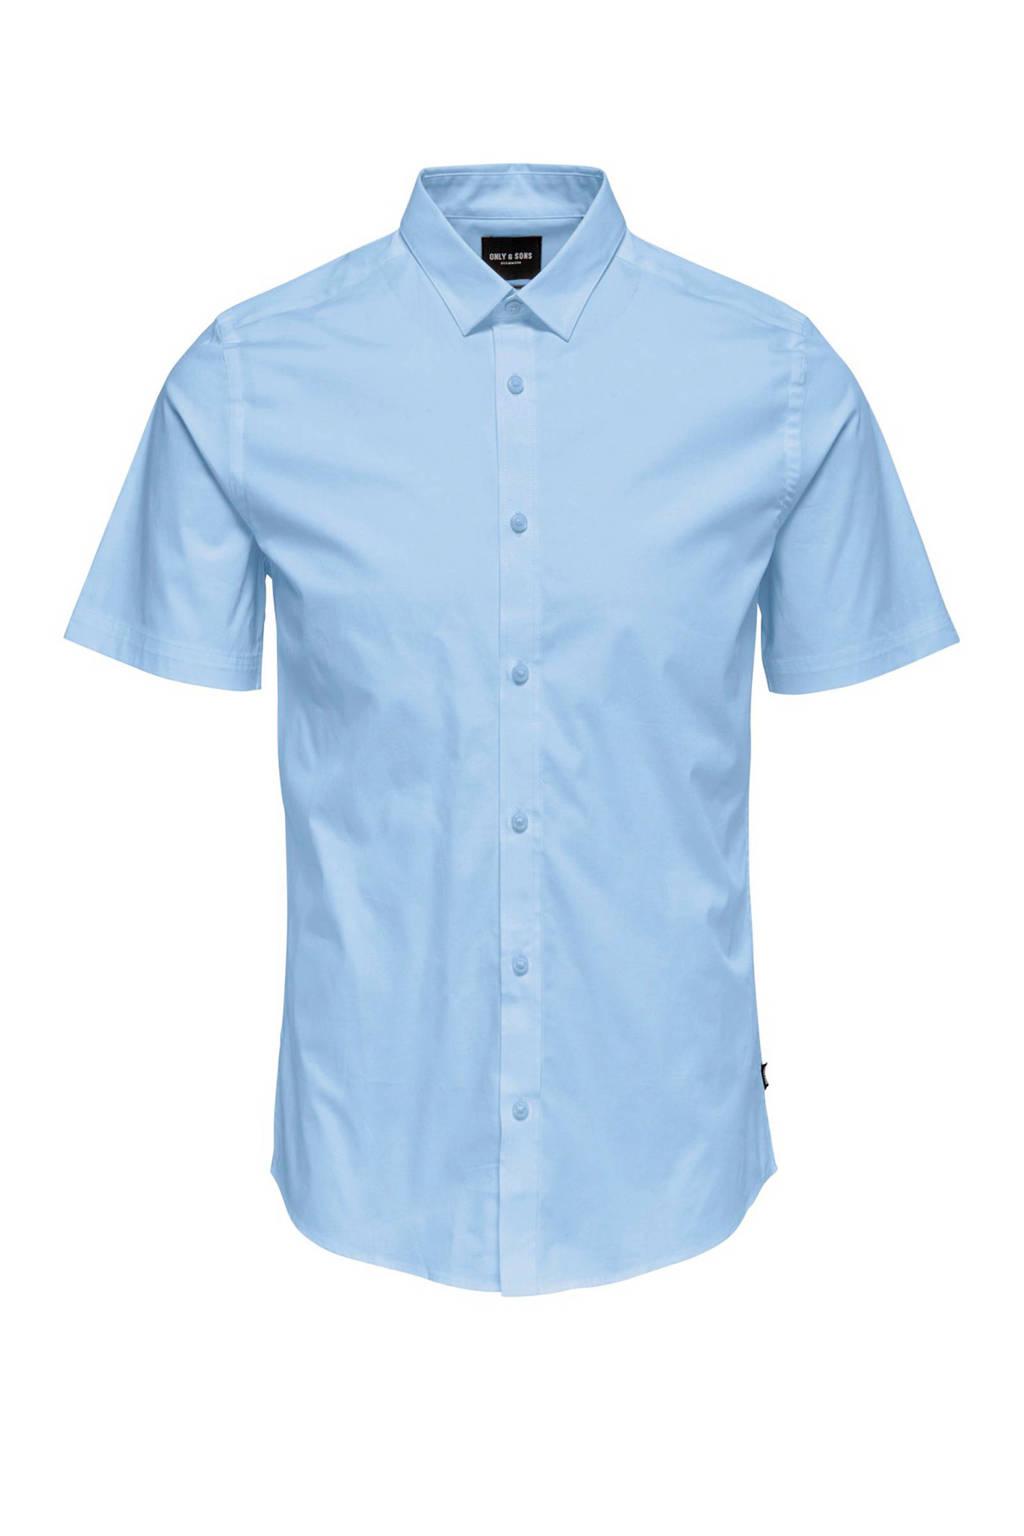 Only & Sons overhemd lichtblauw, Lichtblauw